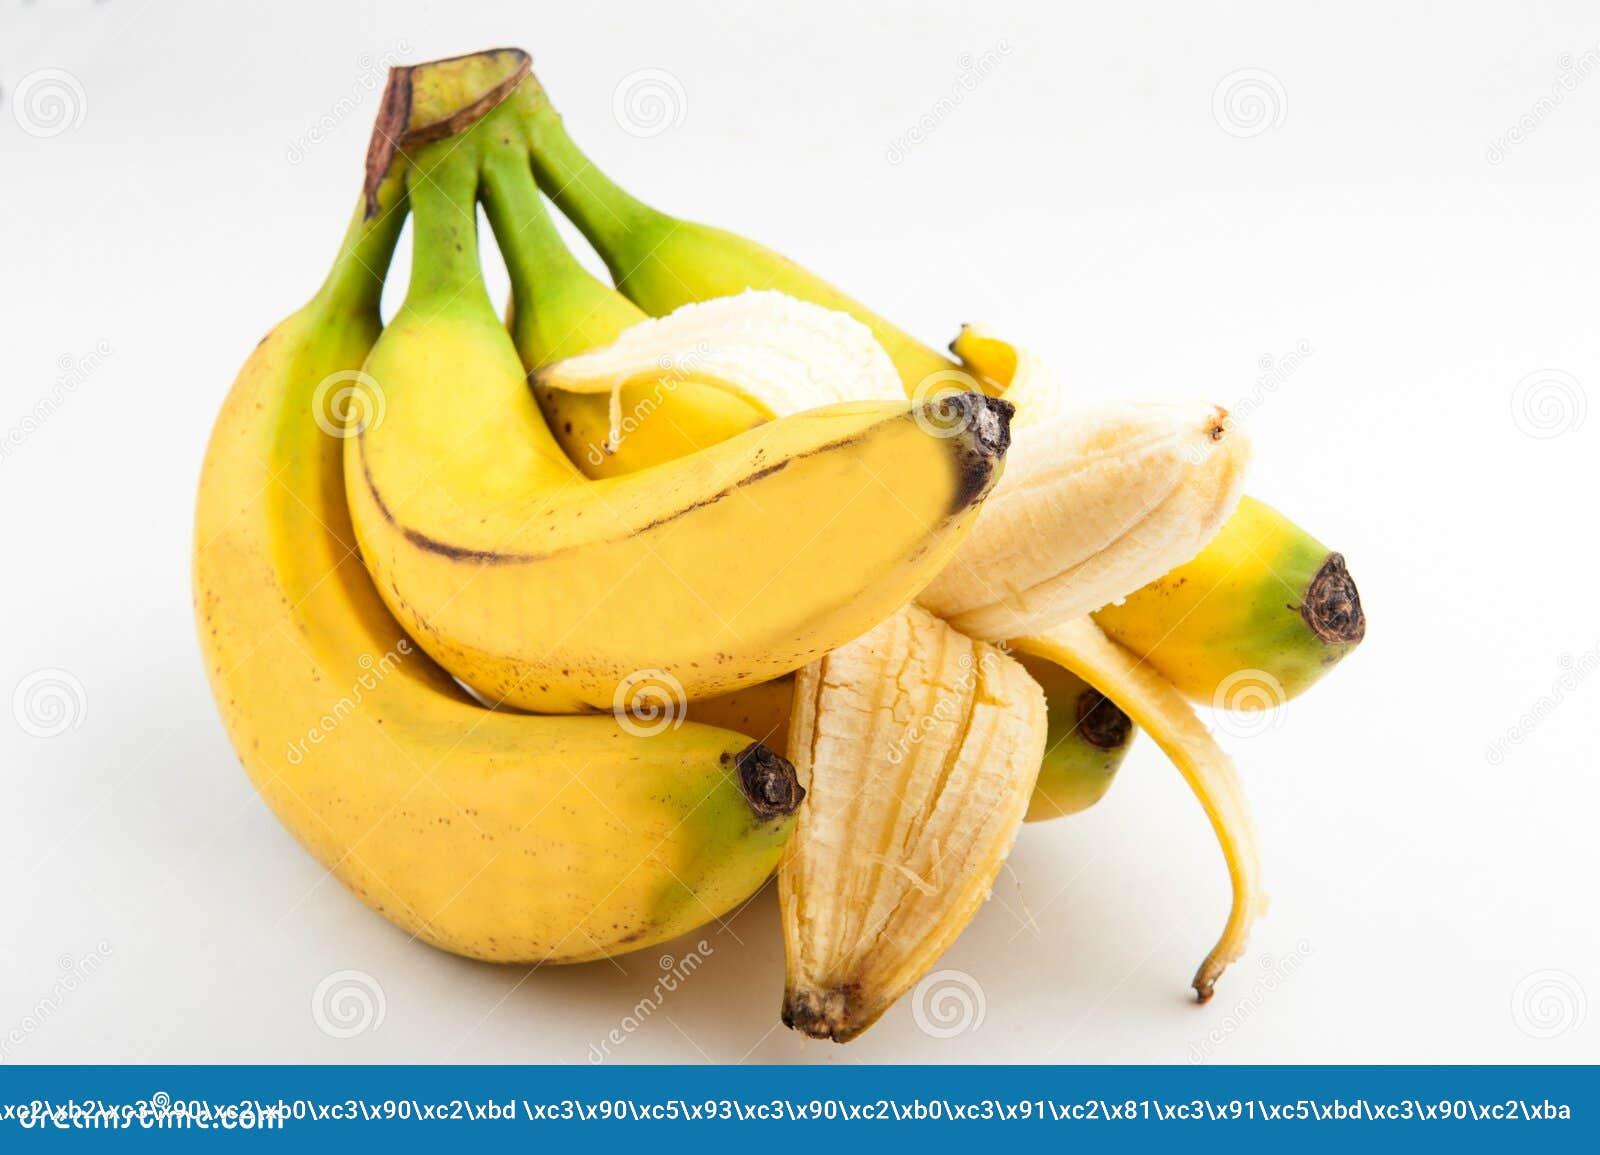 bananaslots.org